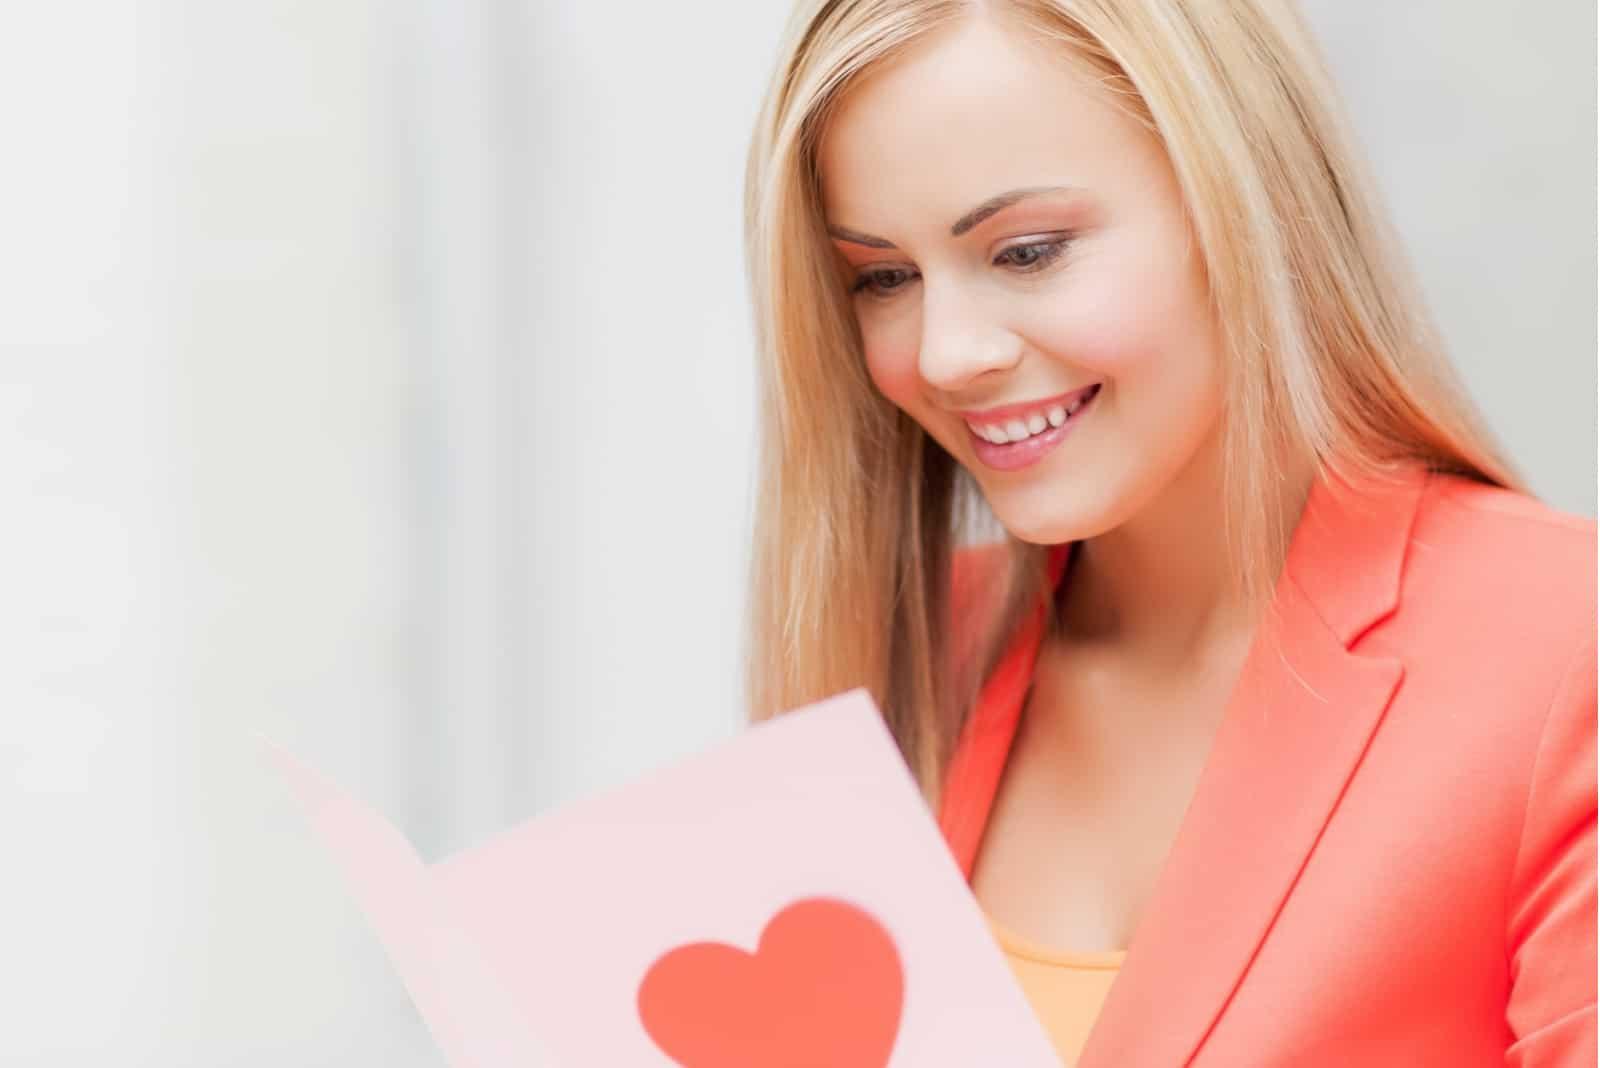 Bild der Frau, die Postkarte mit Herzform hält